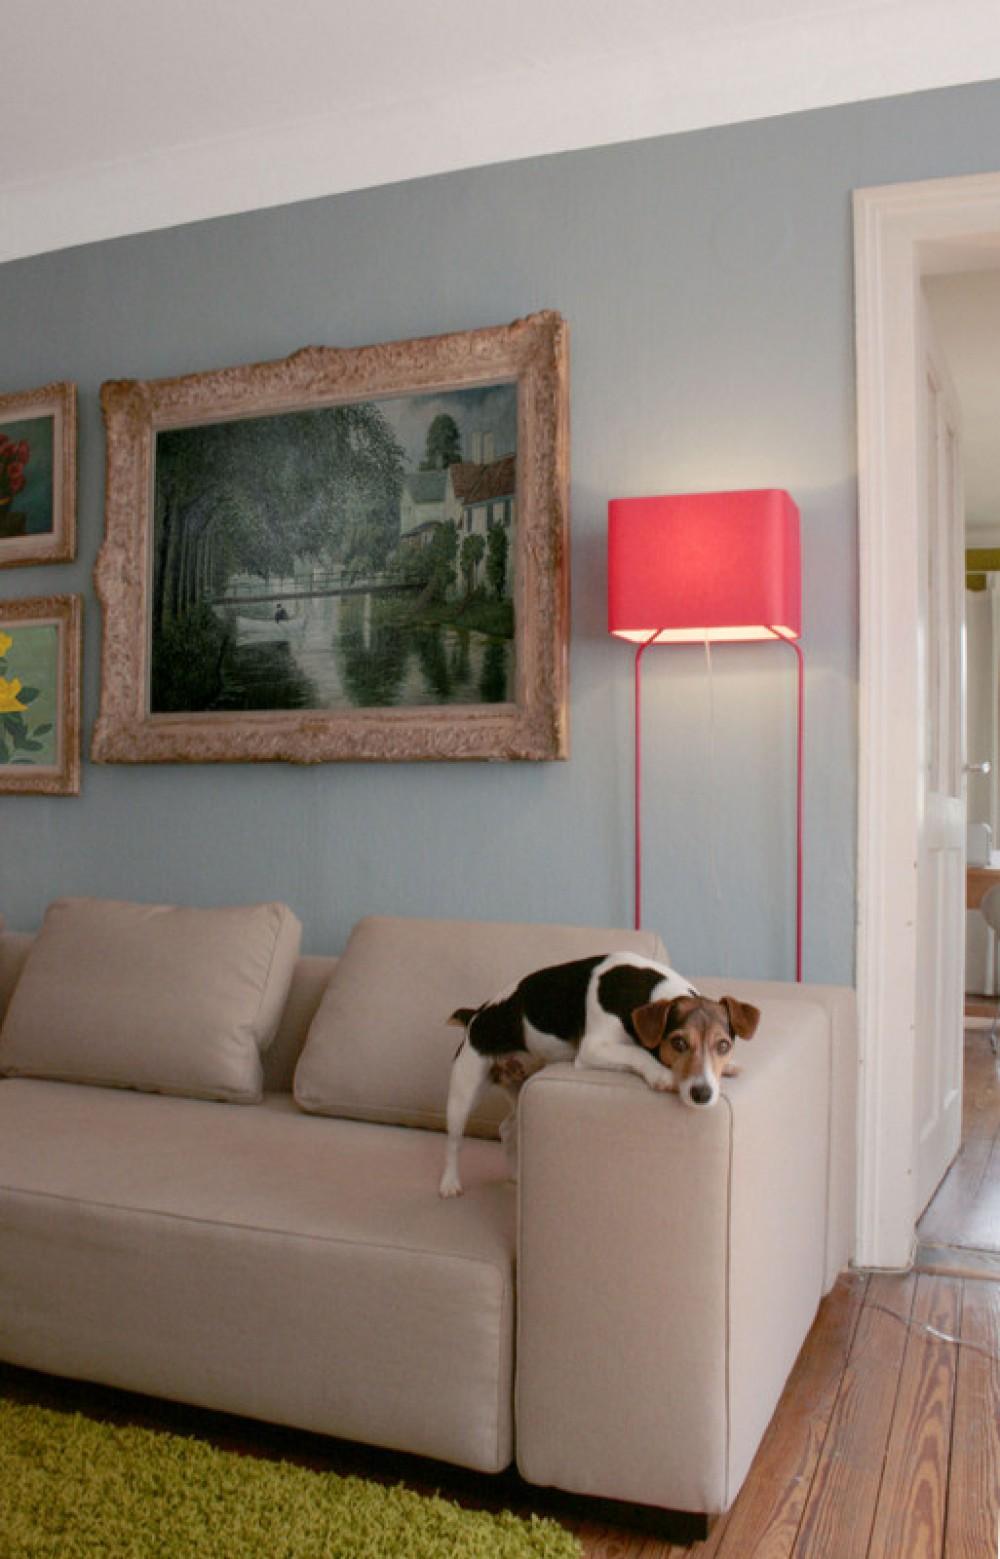 design stehleuchte moderne stehlampe in sechs verschiedenen farben. Black Bedroom Furniture Sets. Home Design Ideas